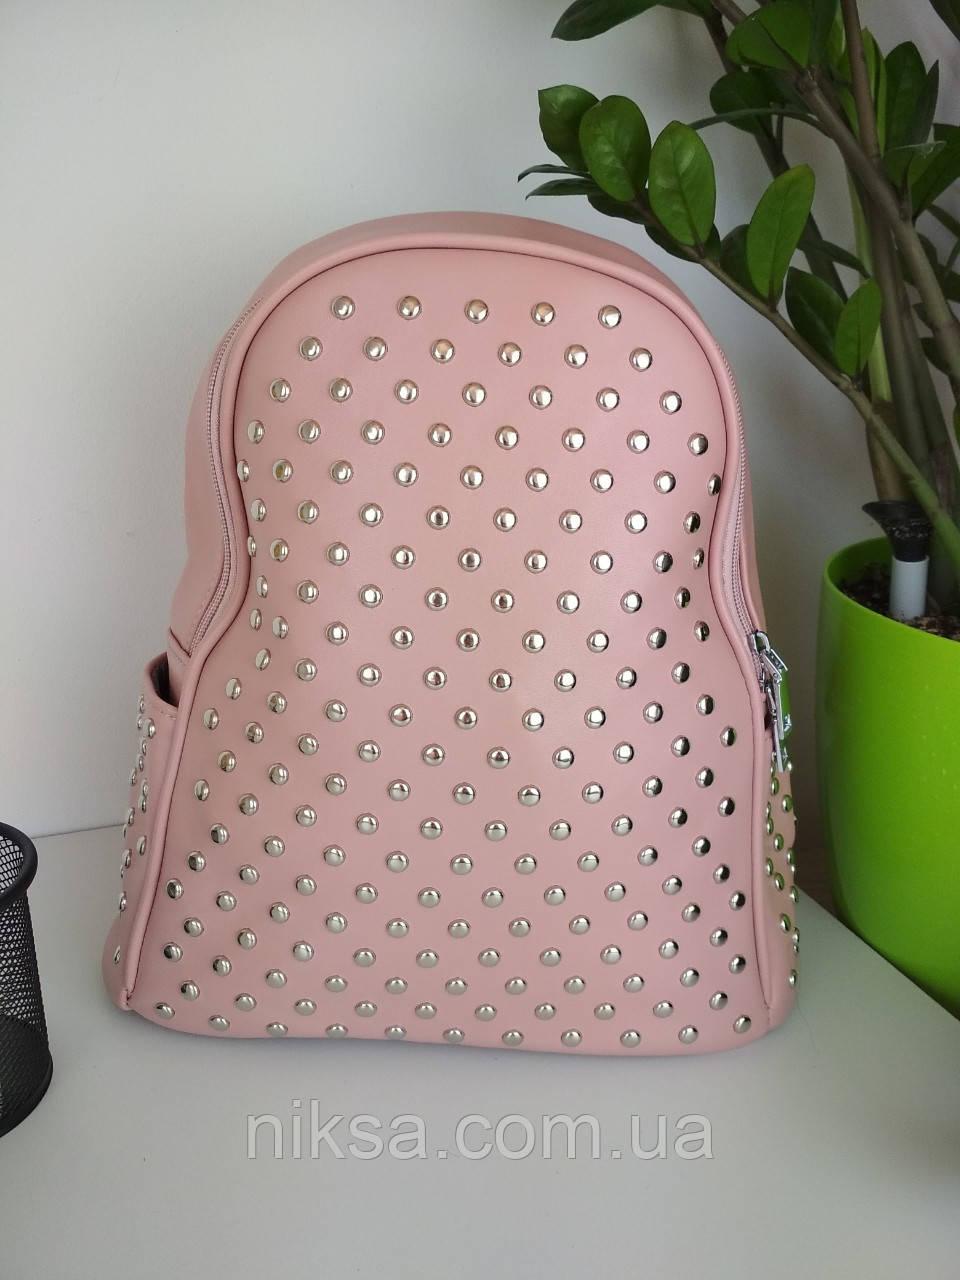 Рюкзак городской кожзам для девочки размер 33x24x11